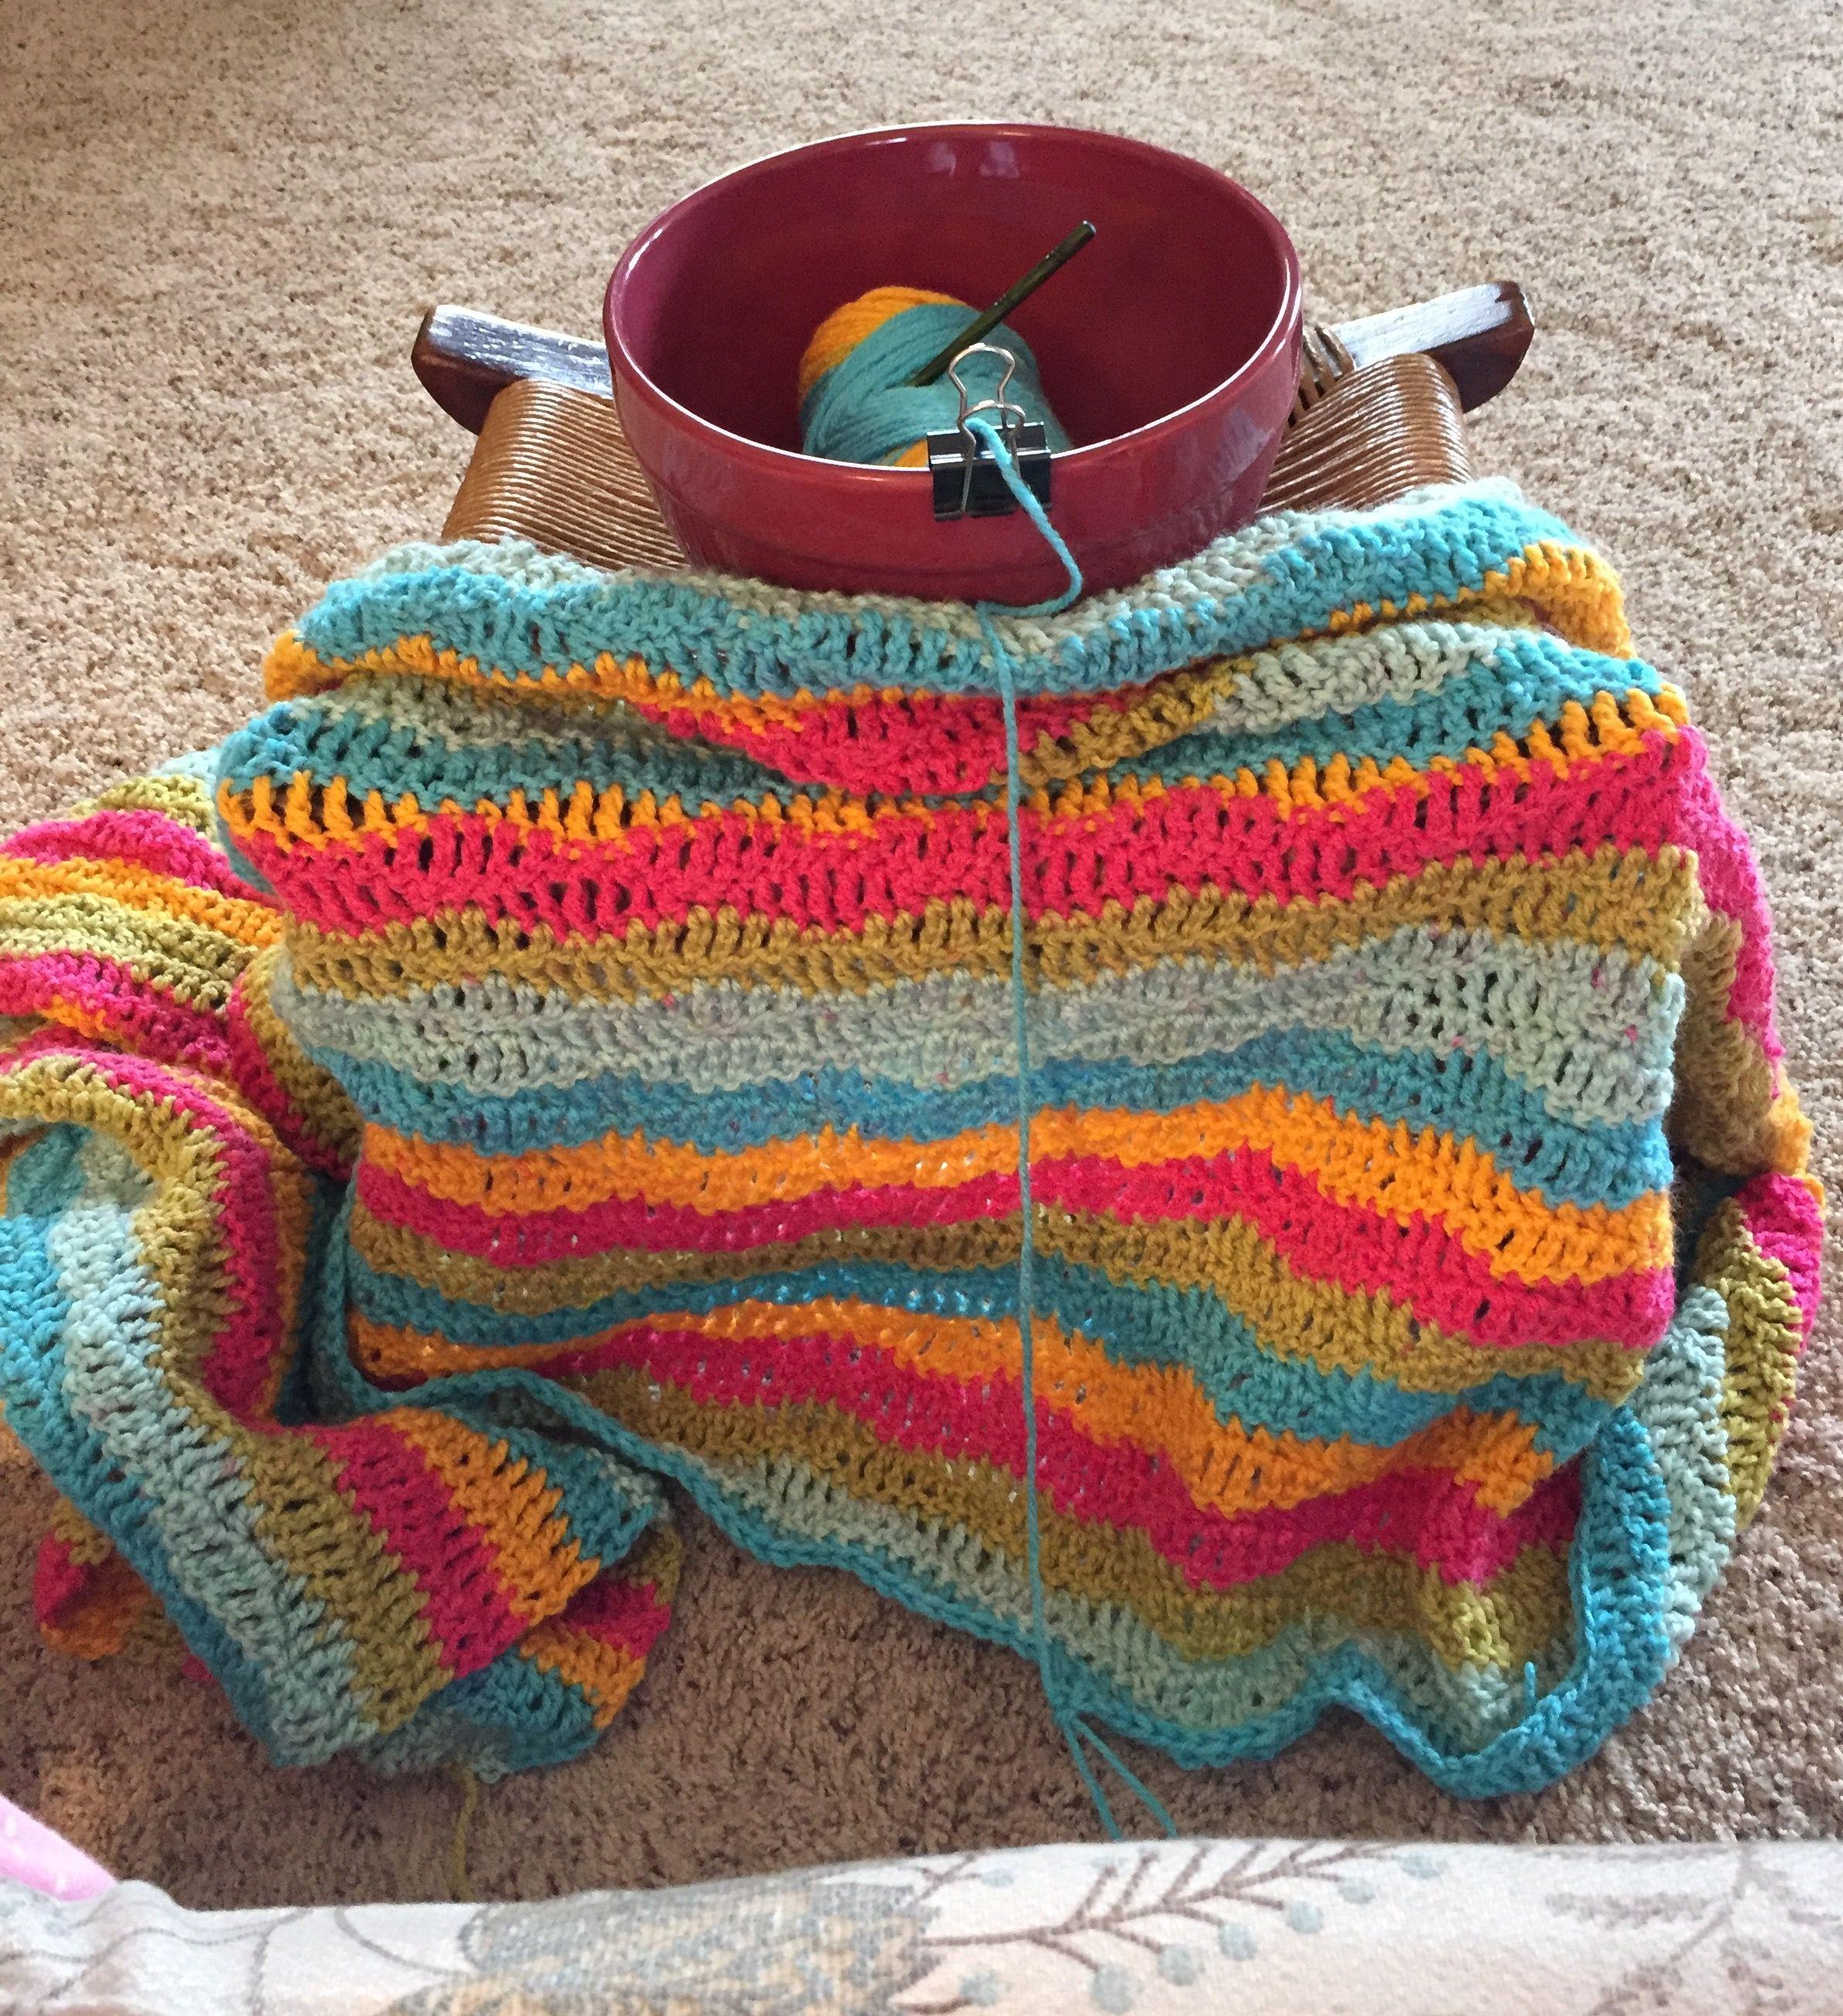 Diy yarn bowl lazy waves afghan using rainbow sherbet